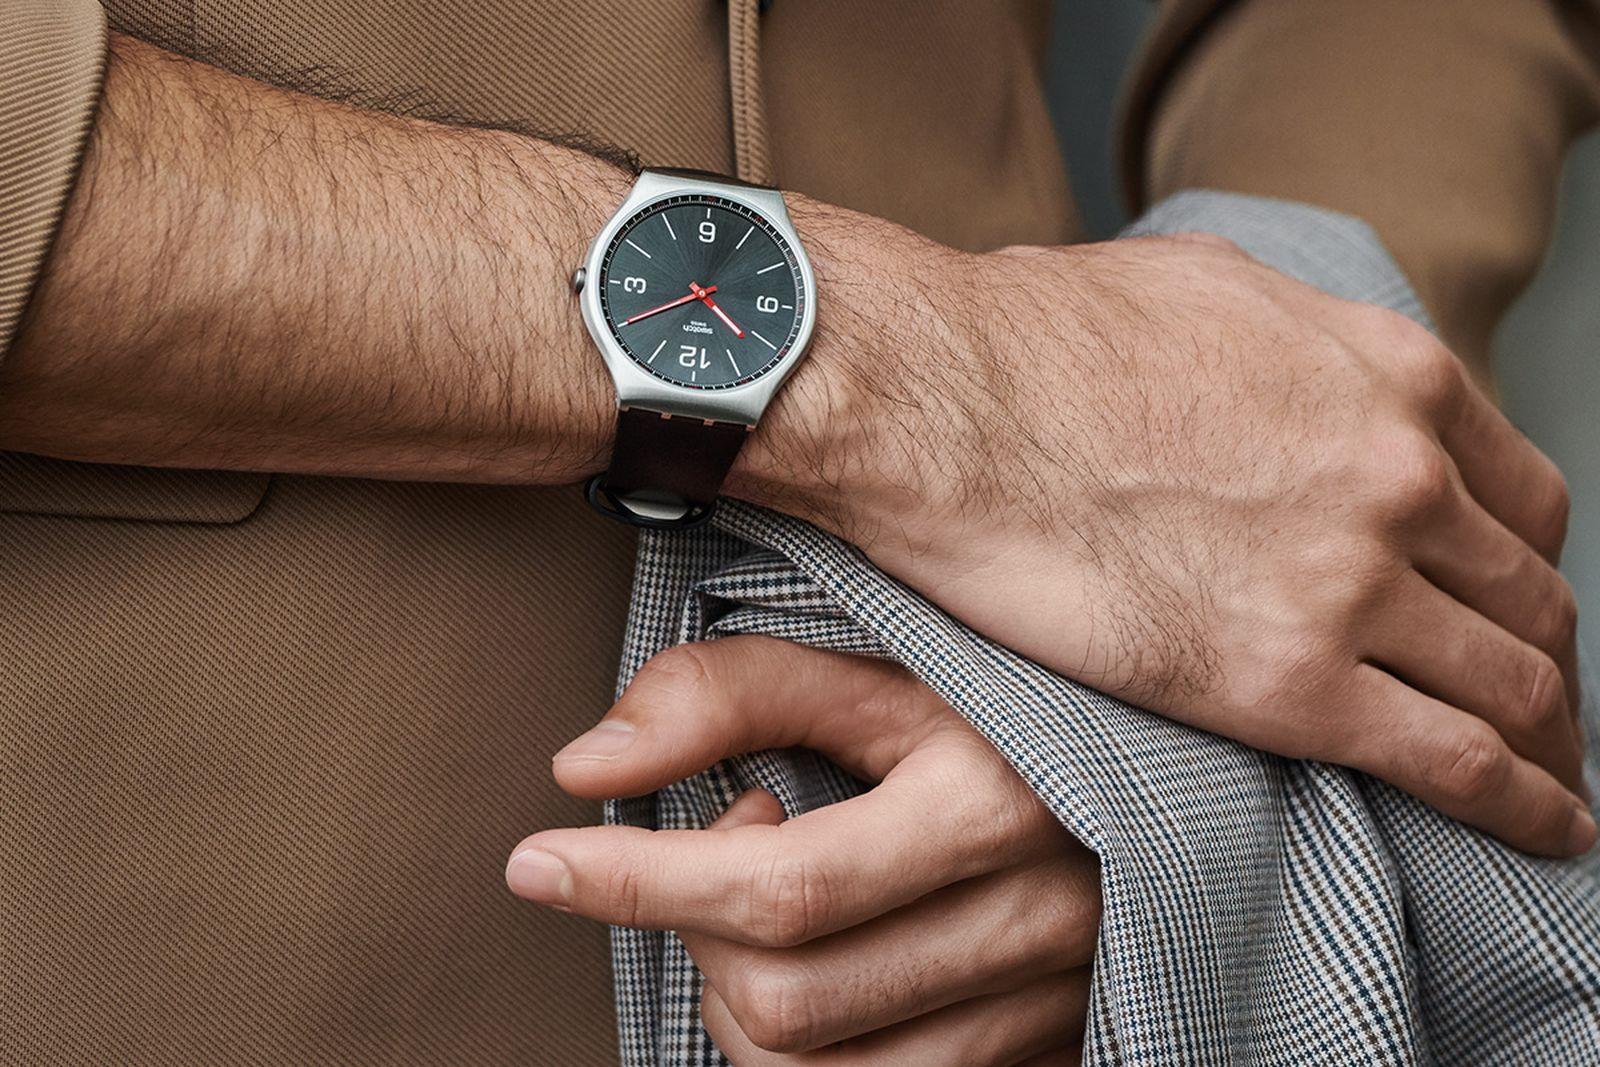 swatch skin irony watch